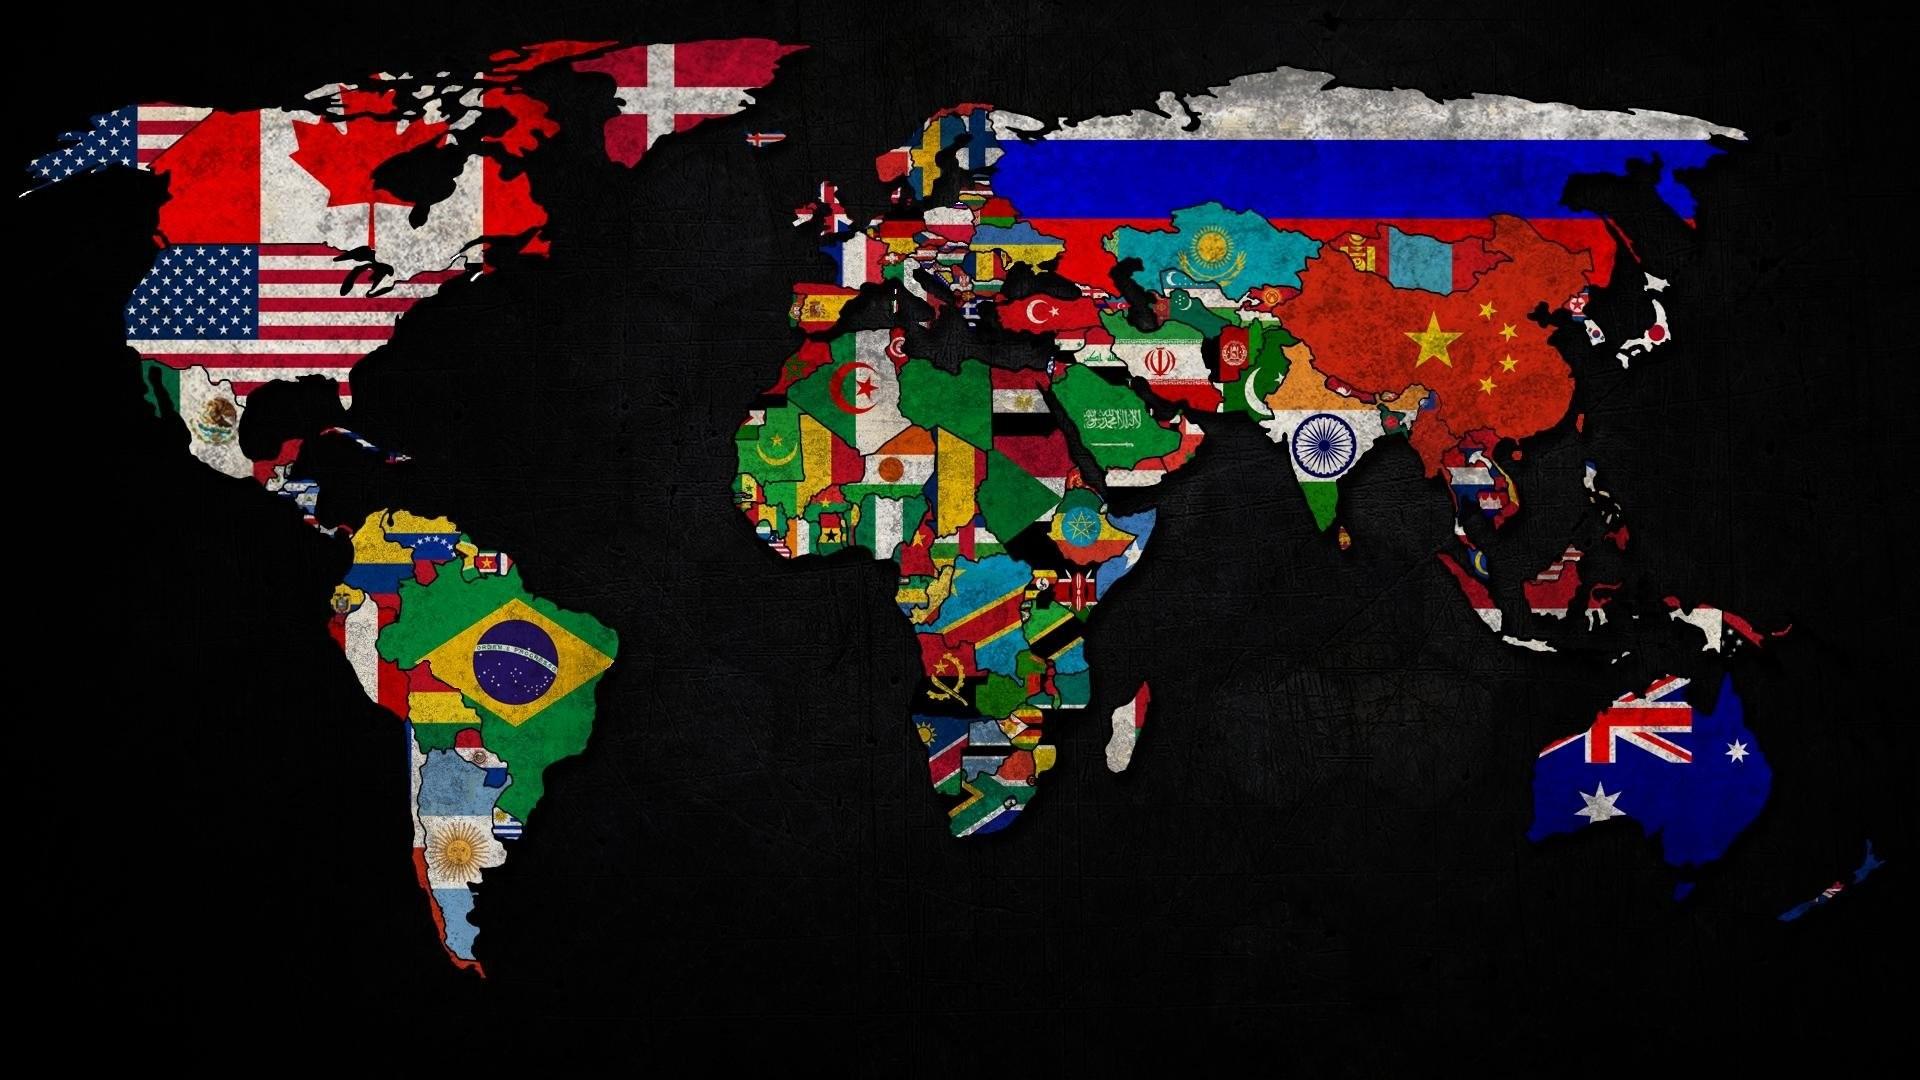 Old World Map Desktop Wallpaper 47 images 1920x1080